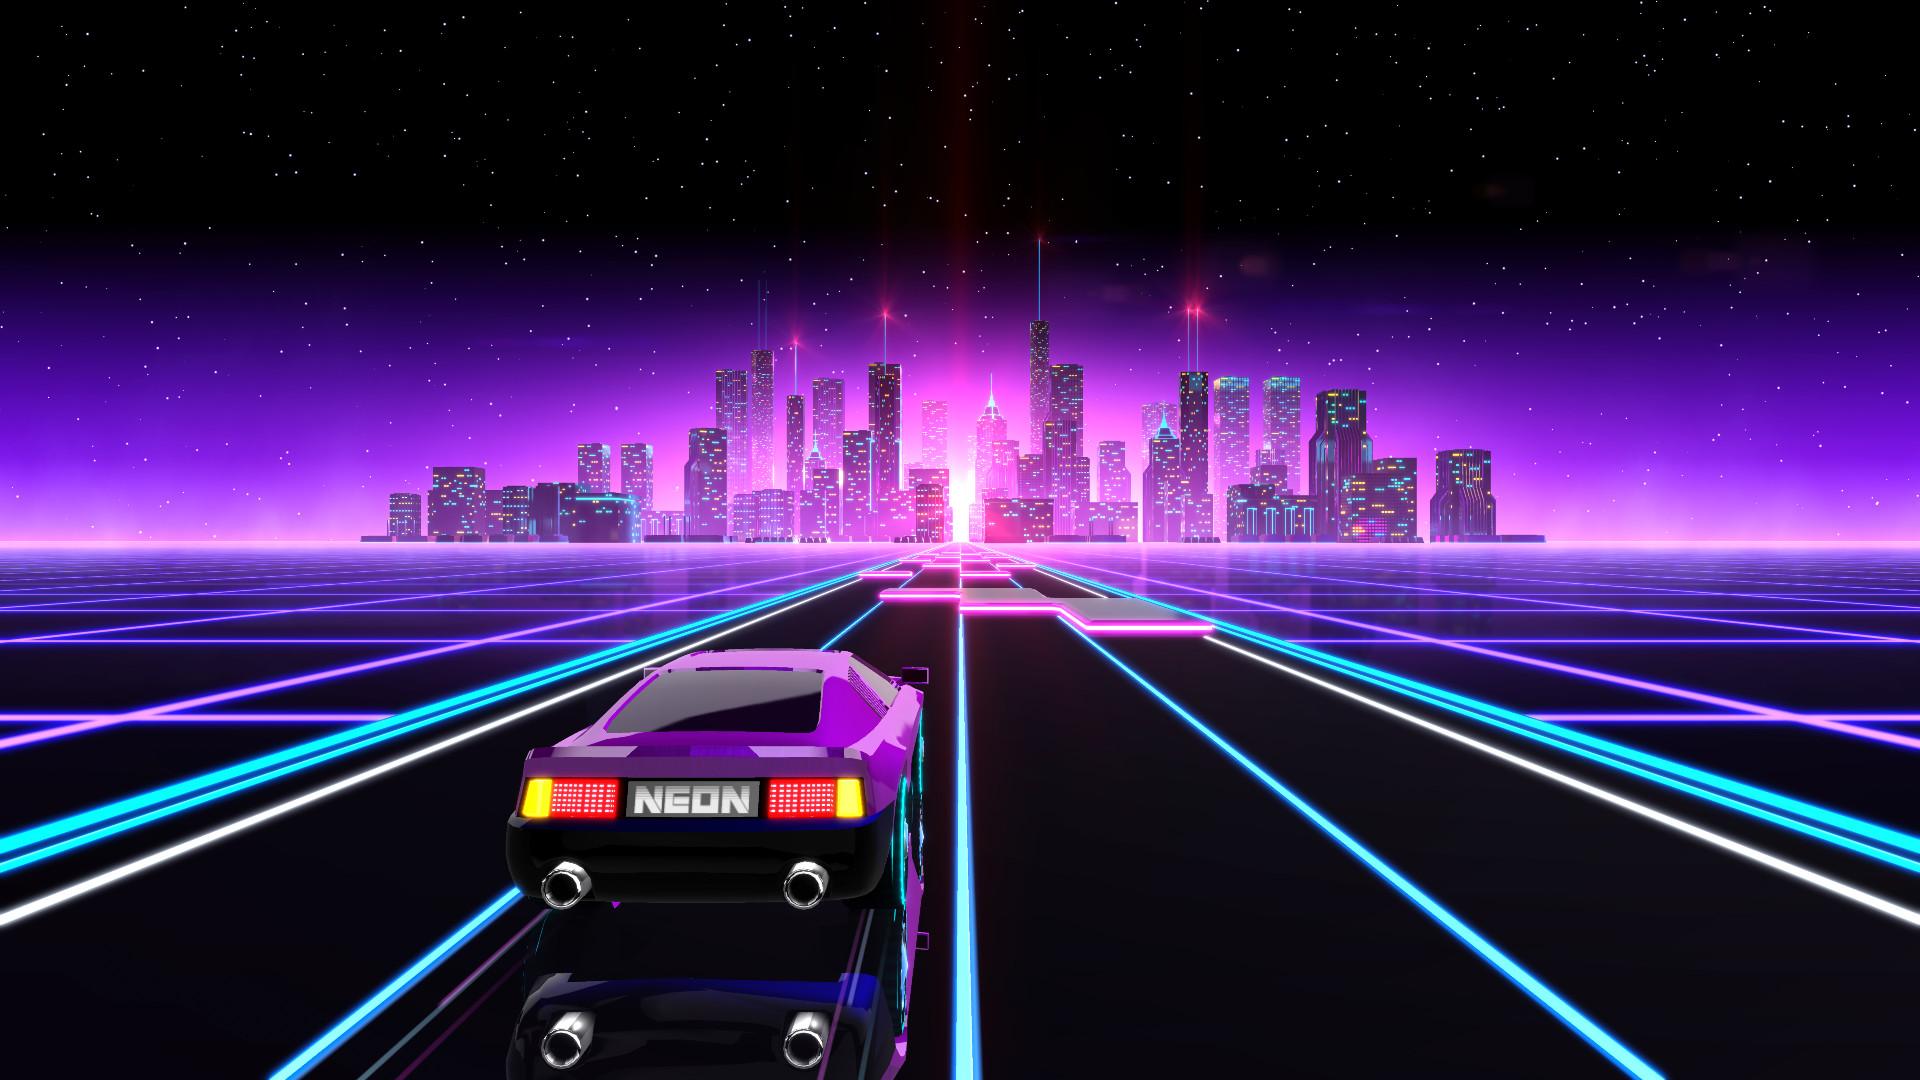 Neon Drive получила рекордную скидку в 85% - купить игру можно всего за 37 рублей